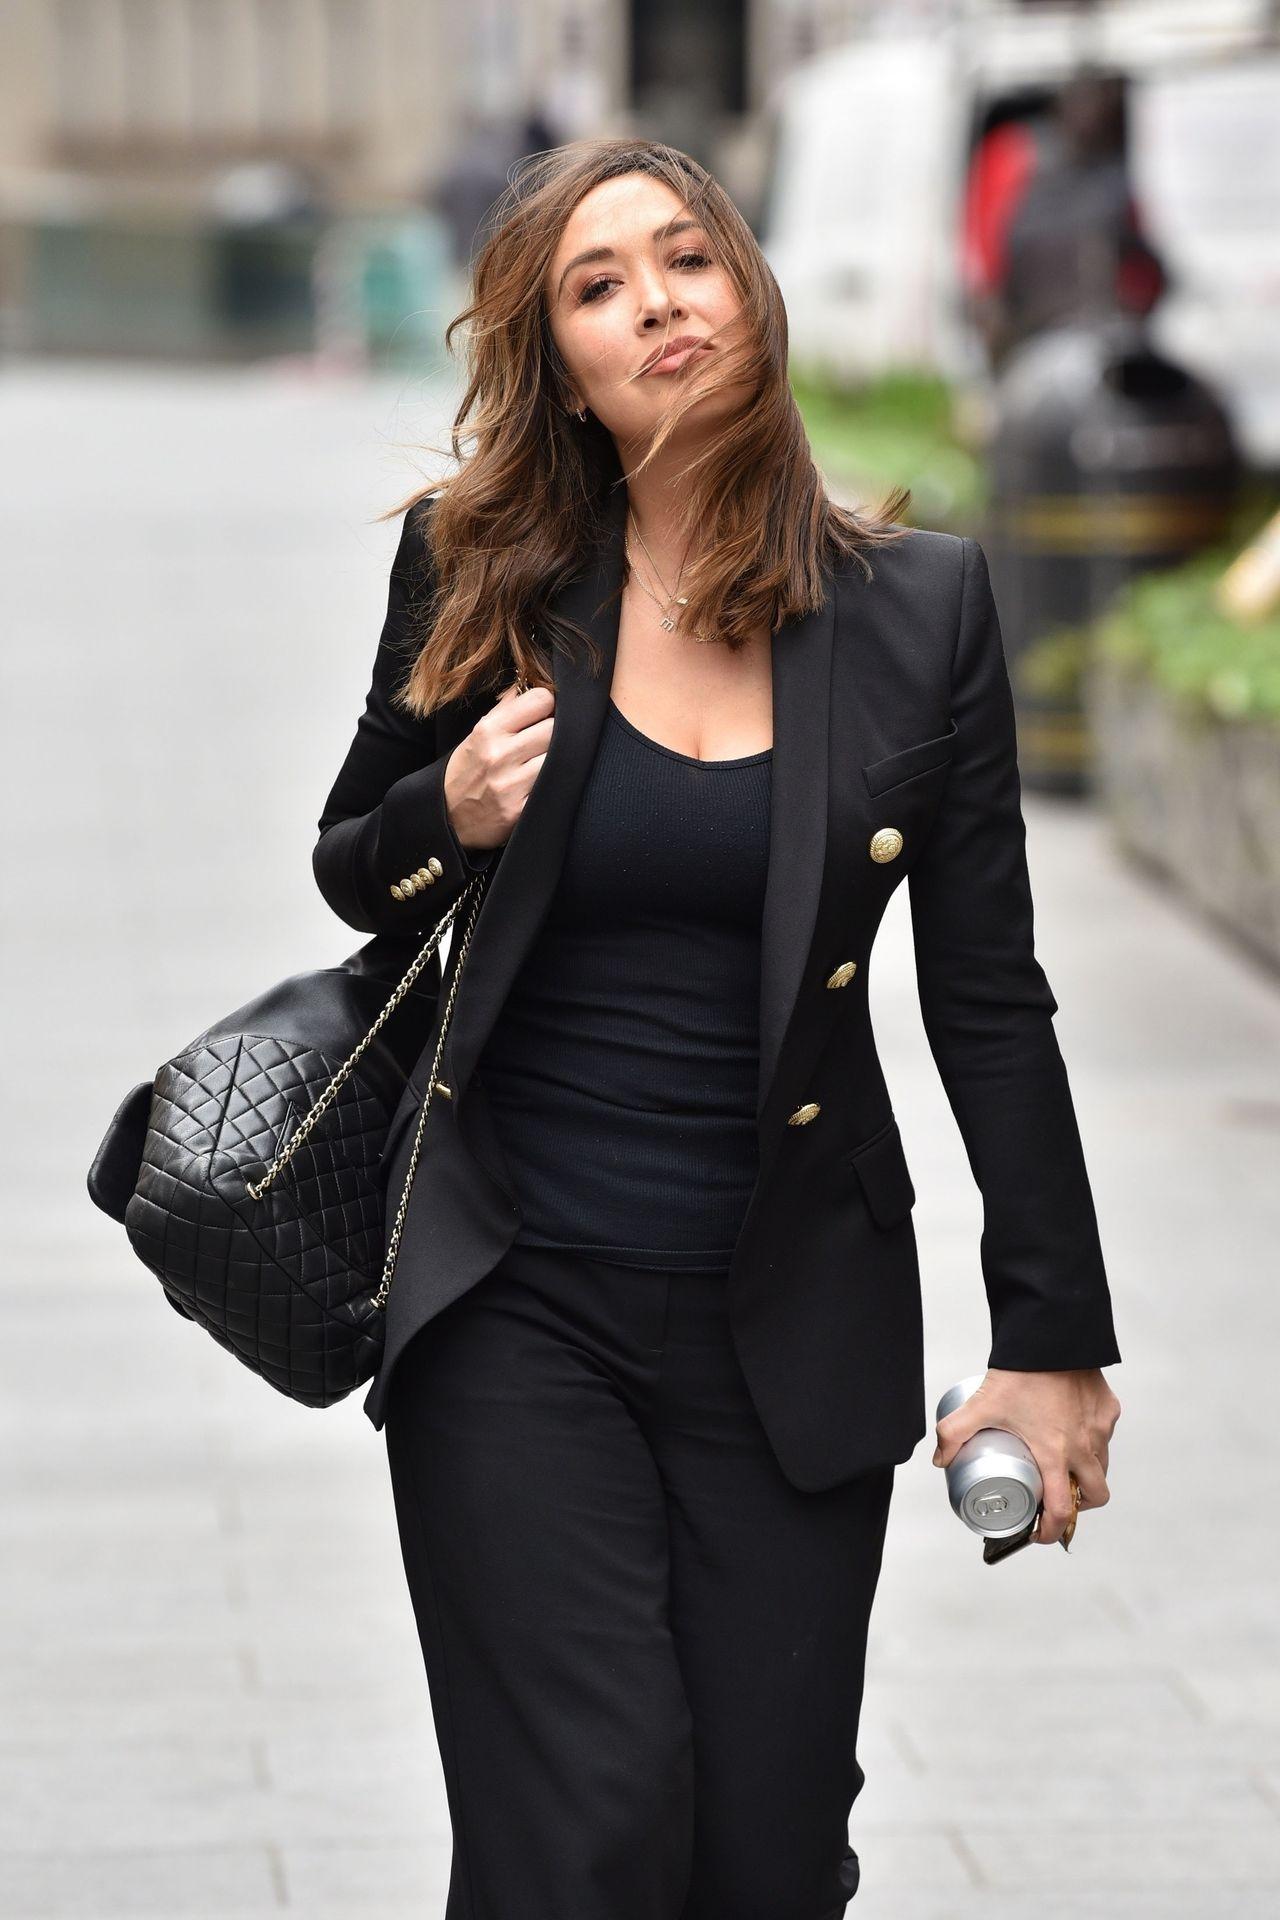 Myleene Klass Looks Hot In All Black In London 0012